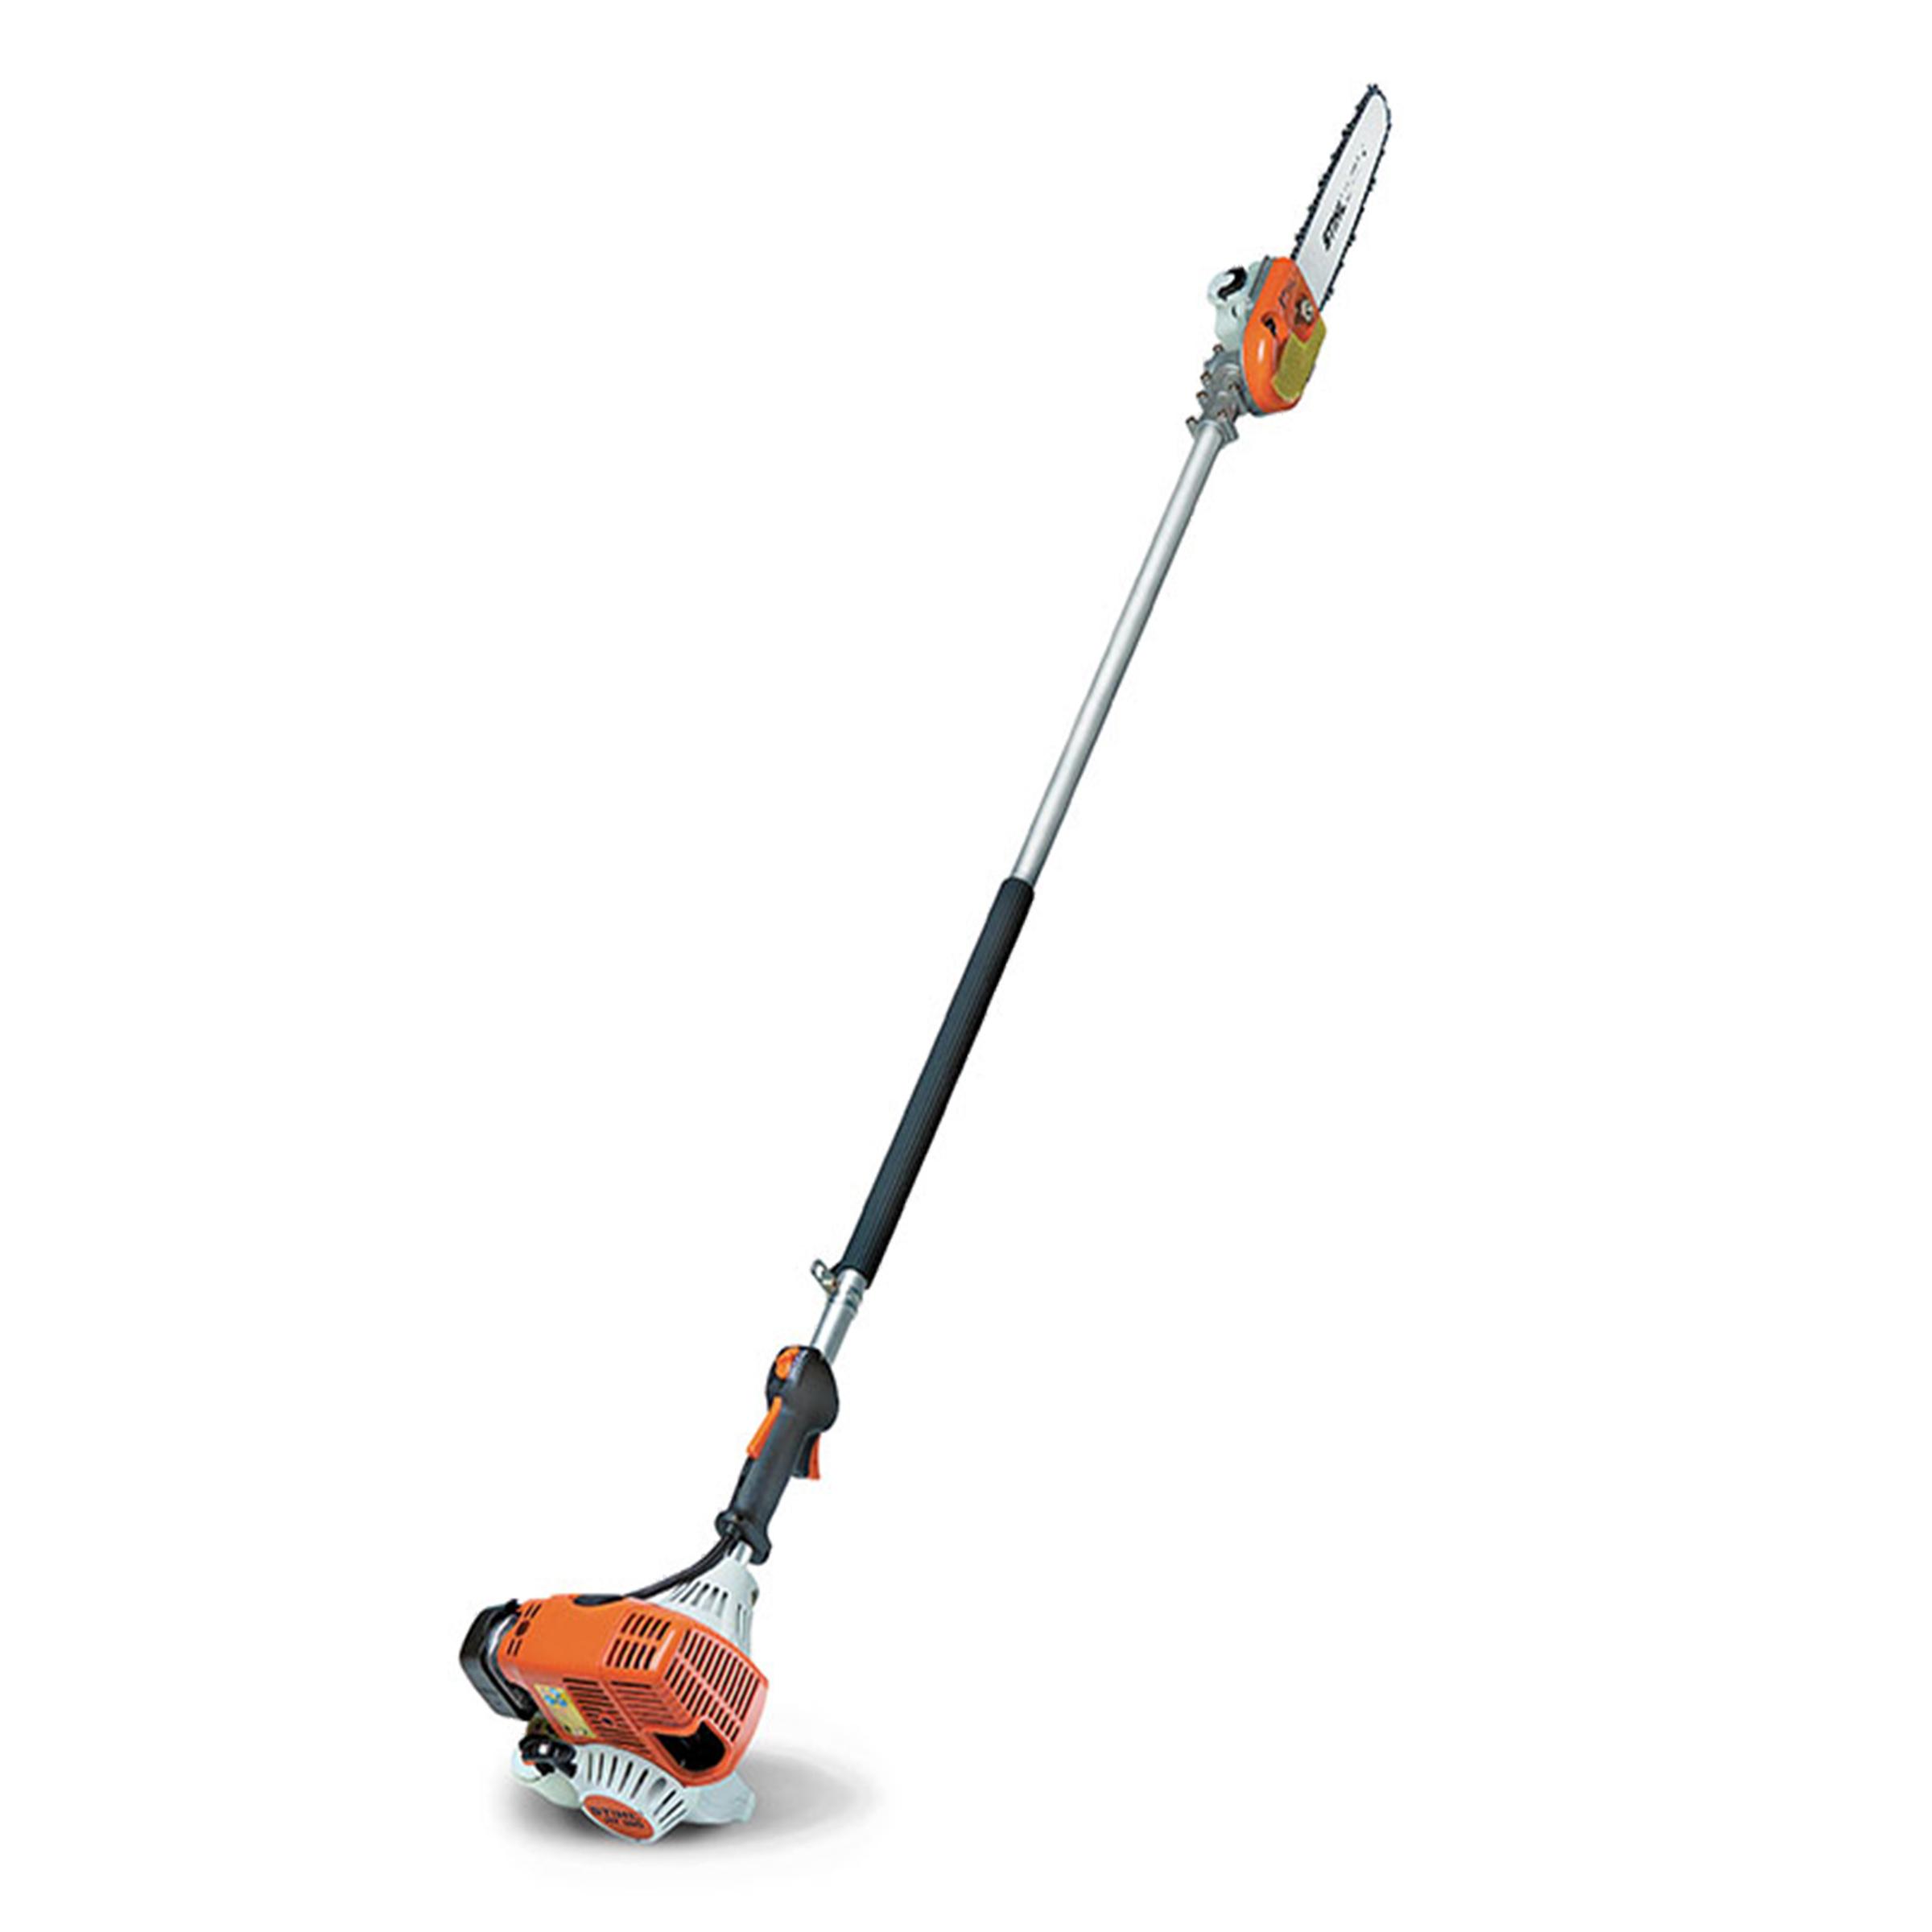 Stihl pole saw trimmer ht100 938971 stihl pole saw trimmer greentooth Gallery